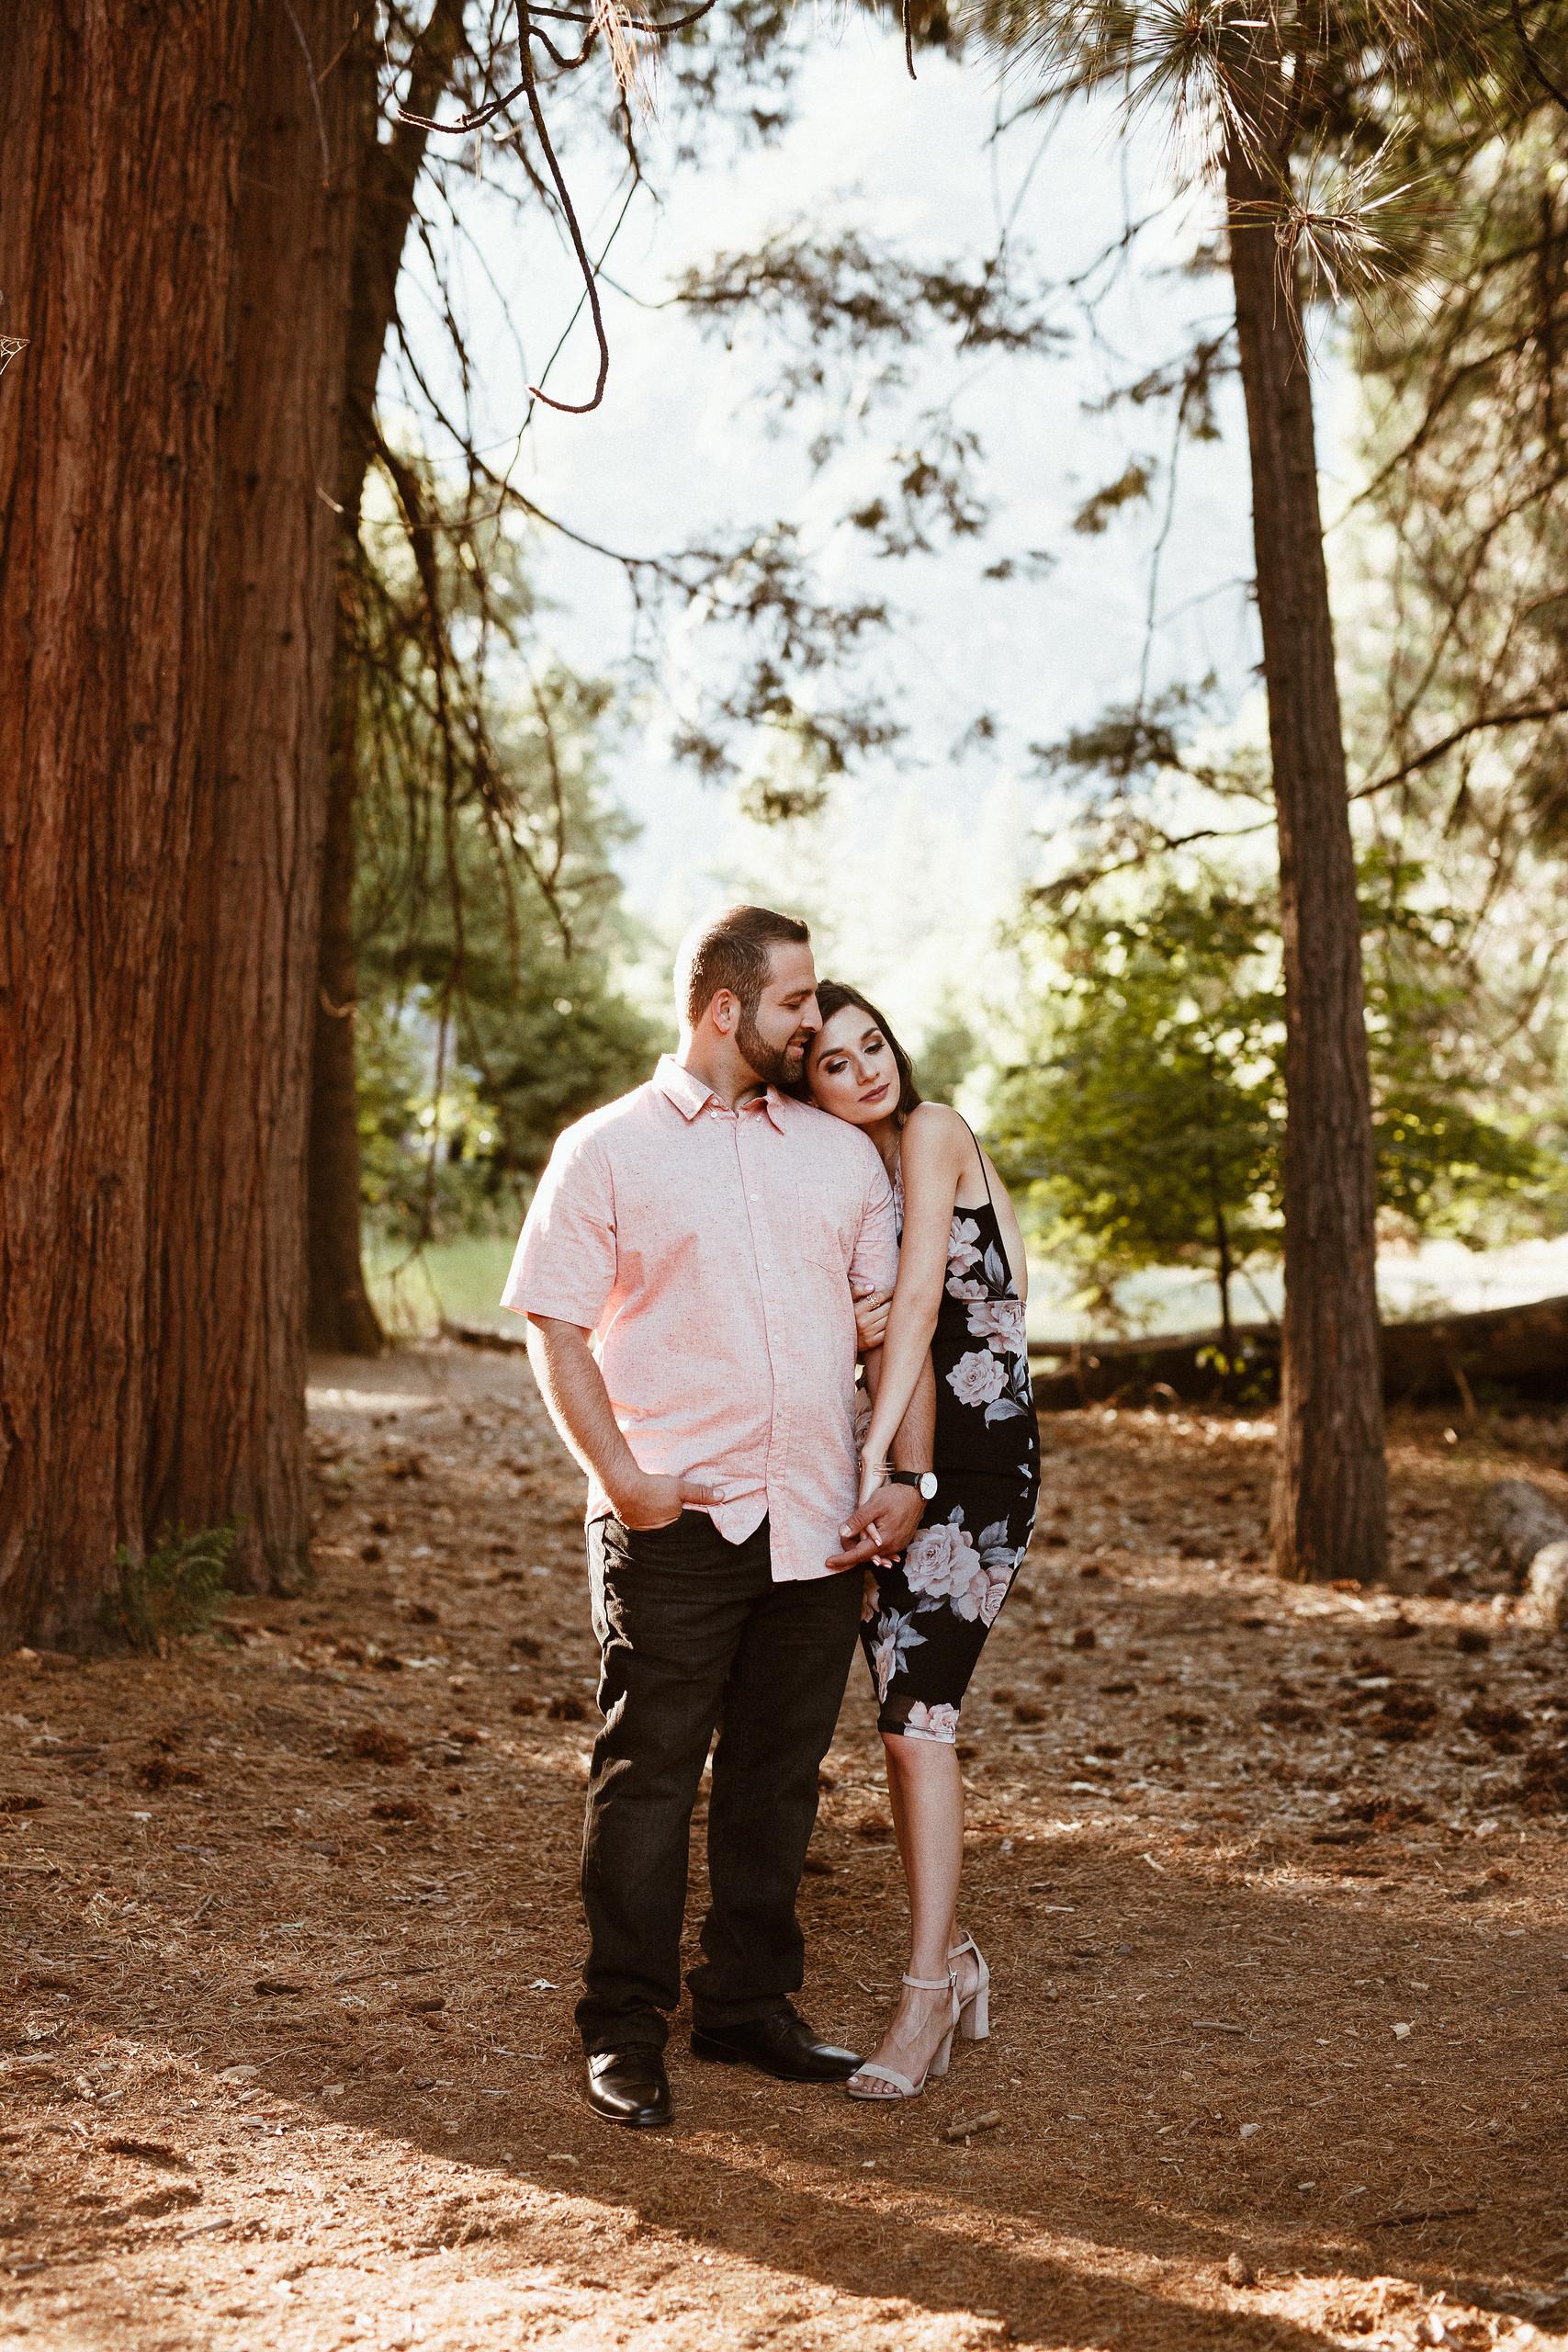 Shaun and Melanie in Yosemite